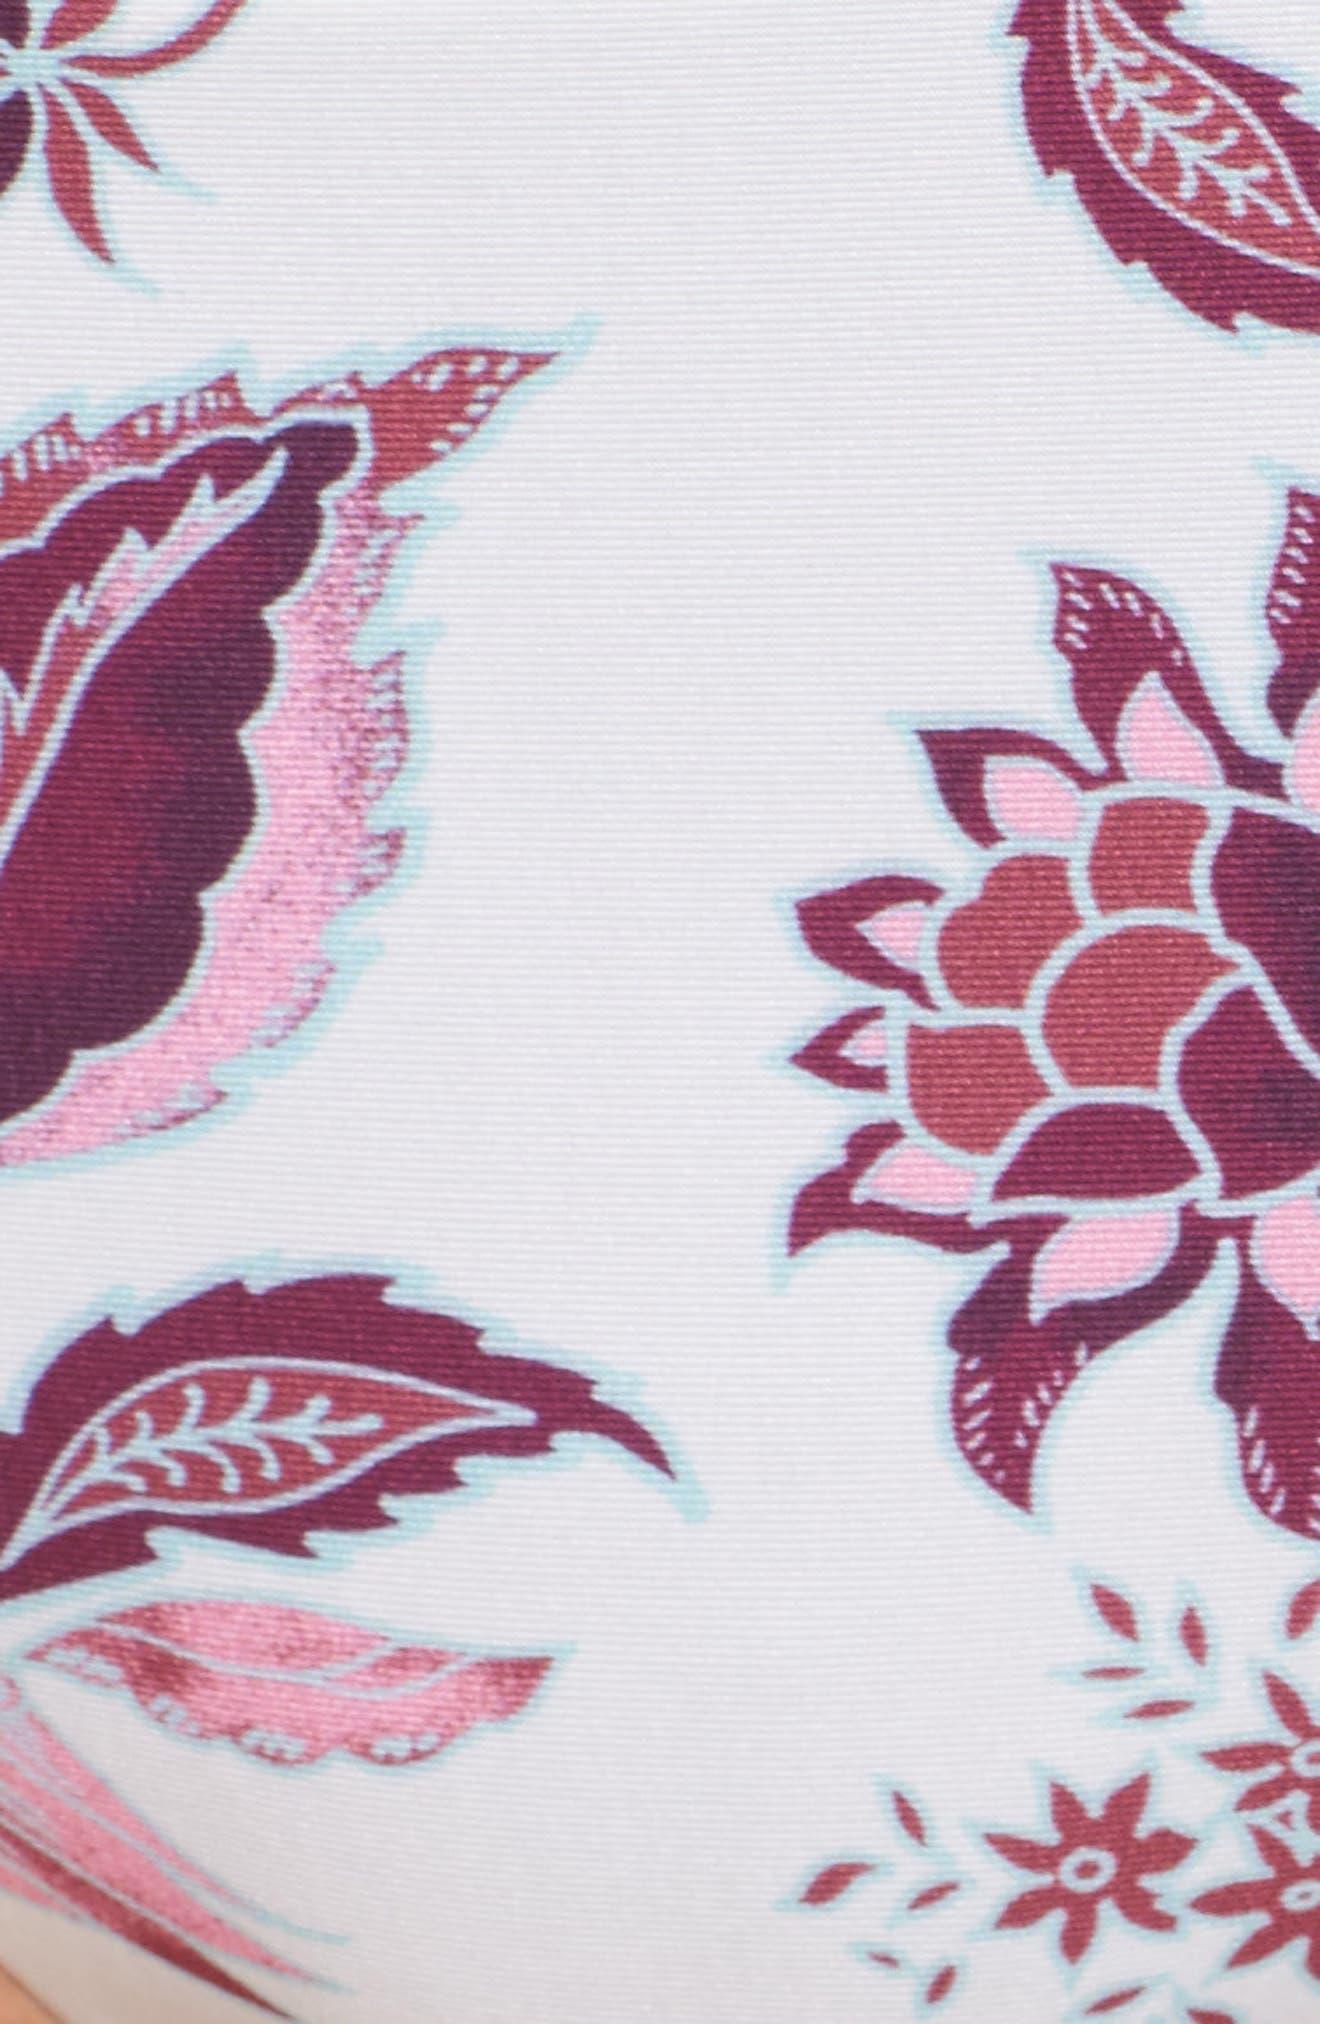 Tahiti Split Tab Hipster Bikini Bottoms,                             Alternate thumbnail 6, color,                             White/ Pink Multi